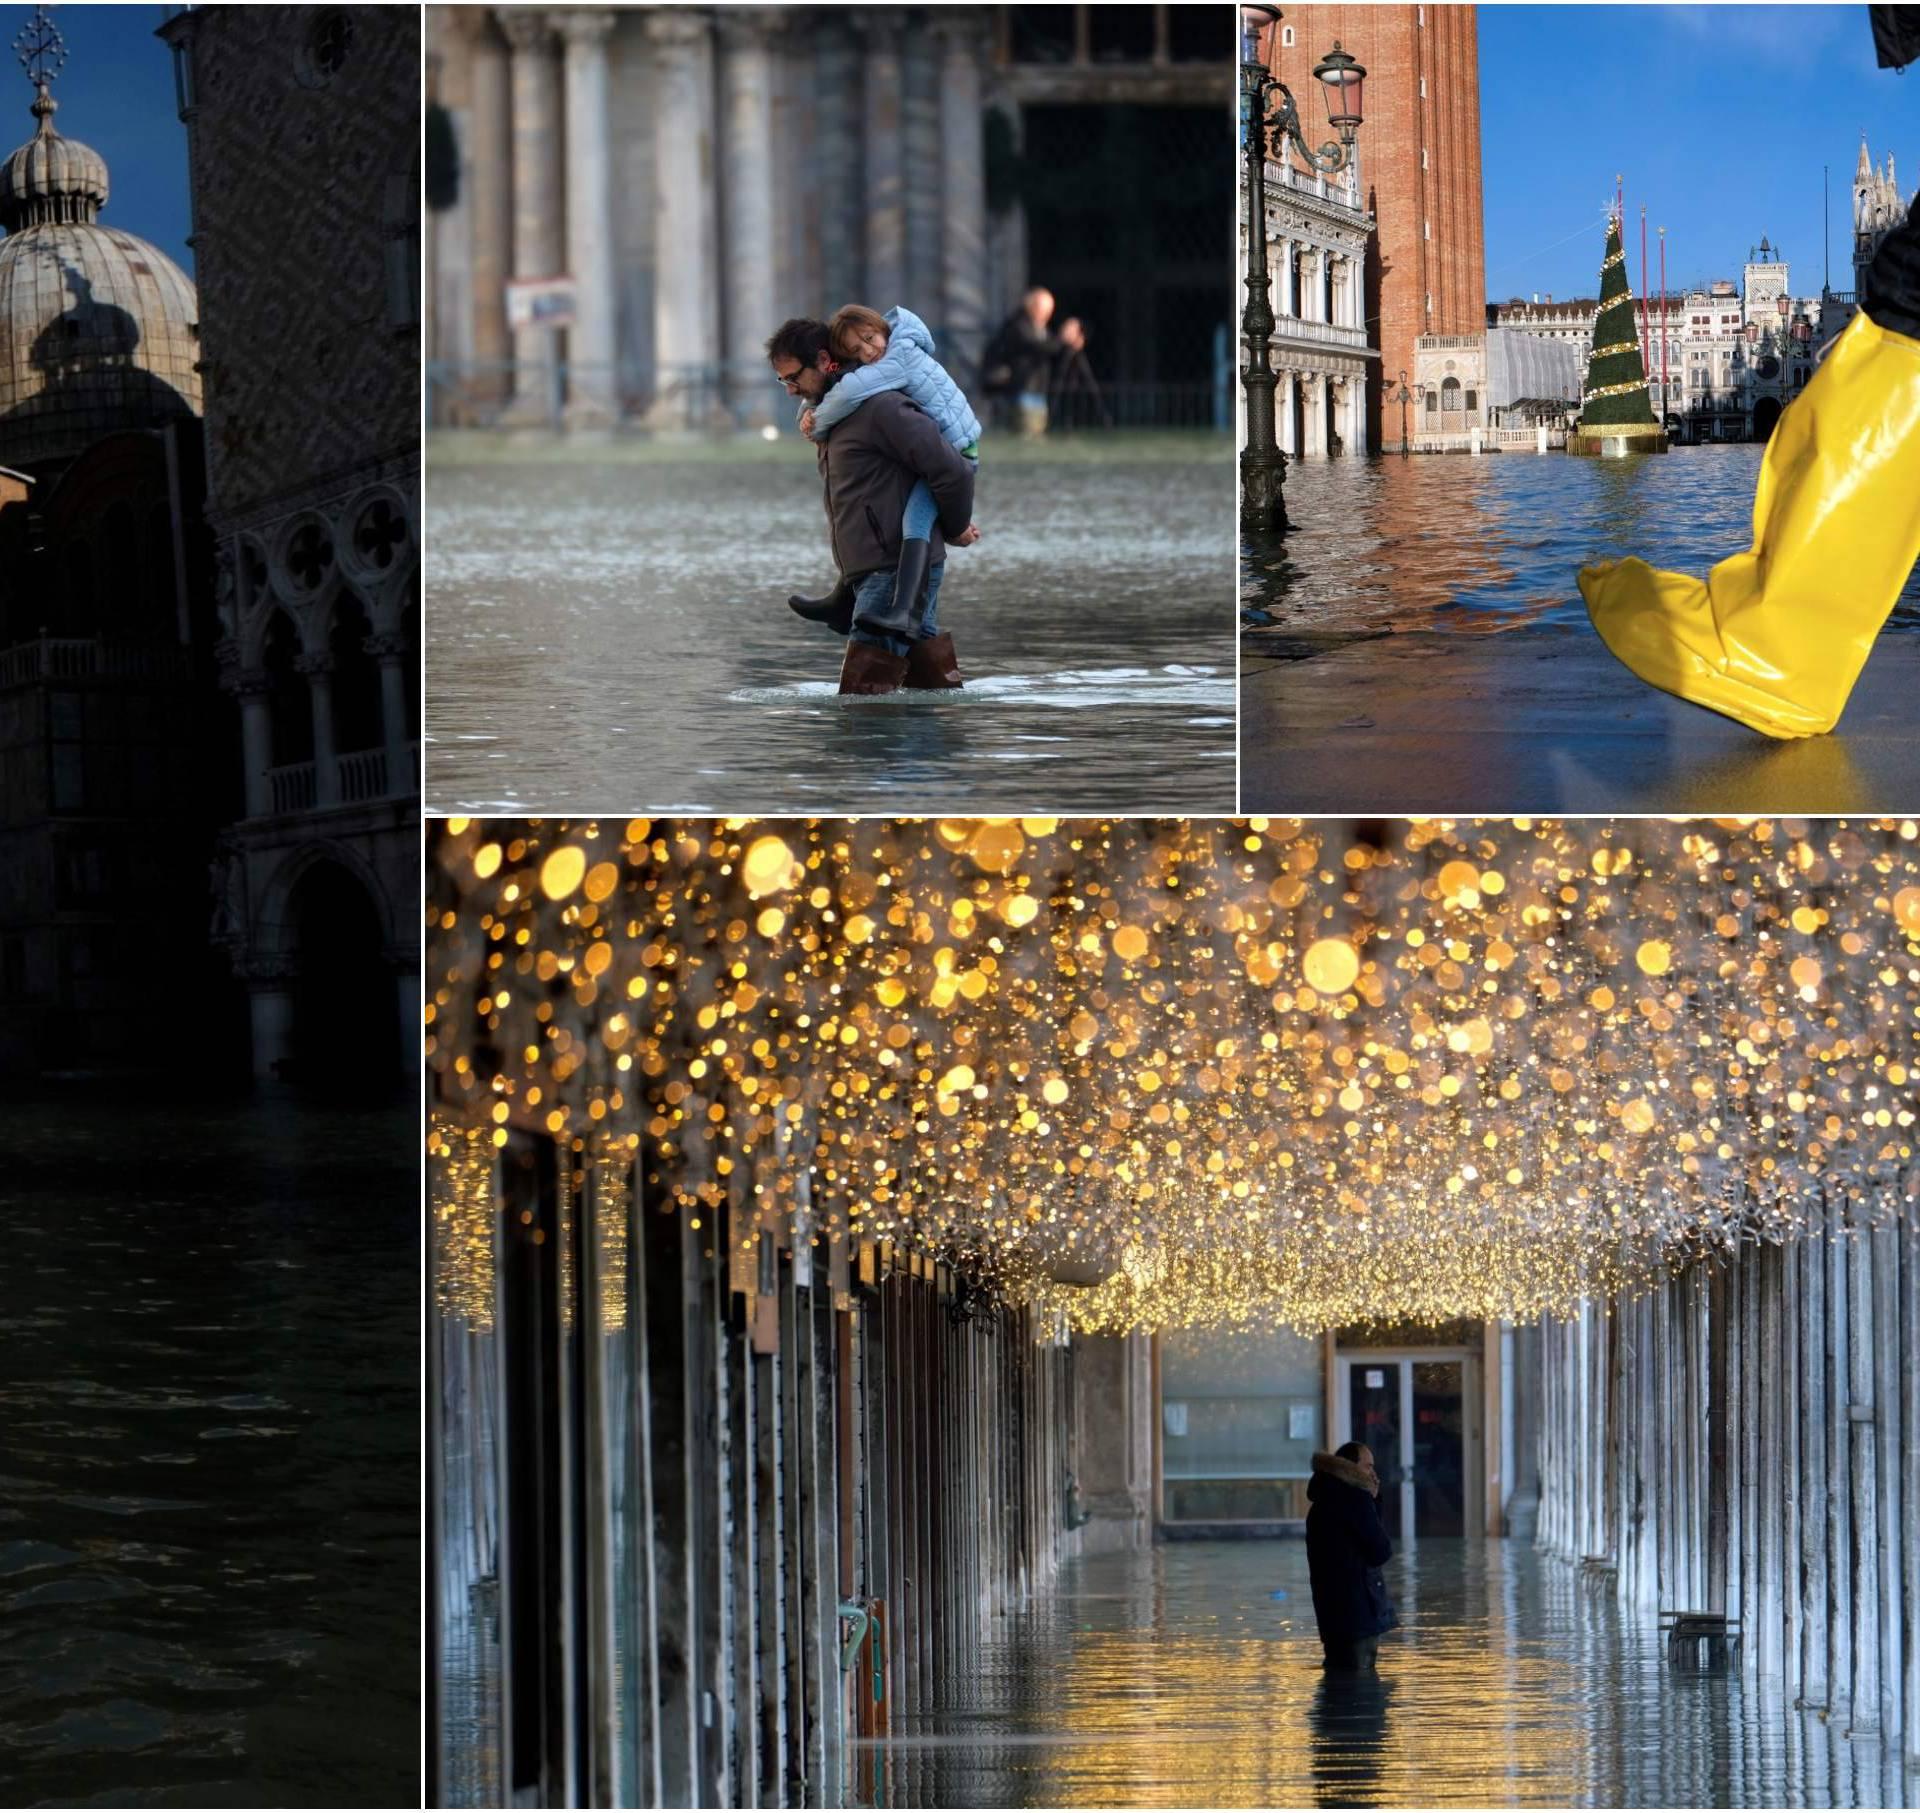 U Veneciji opet poplava, turiste je strah: 'Otkazuju rezervacije'